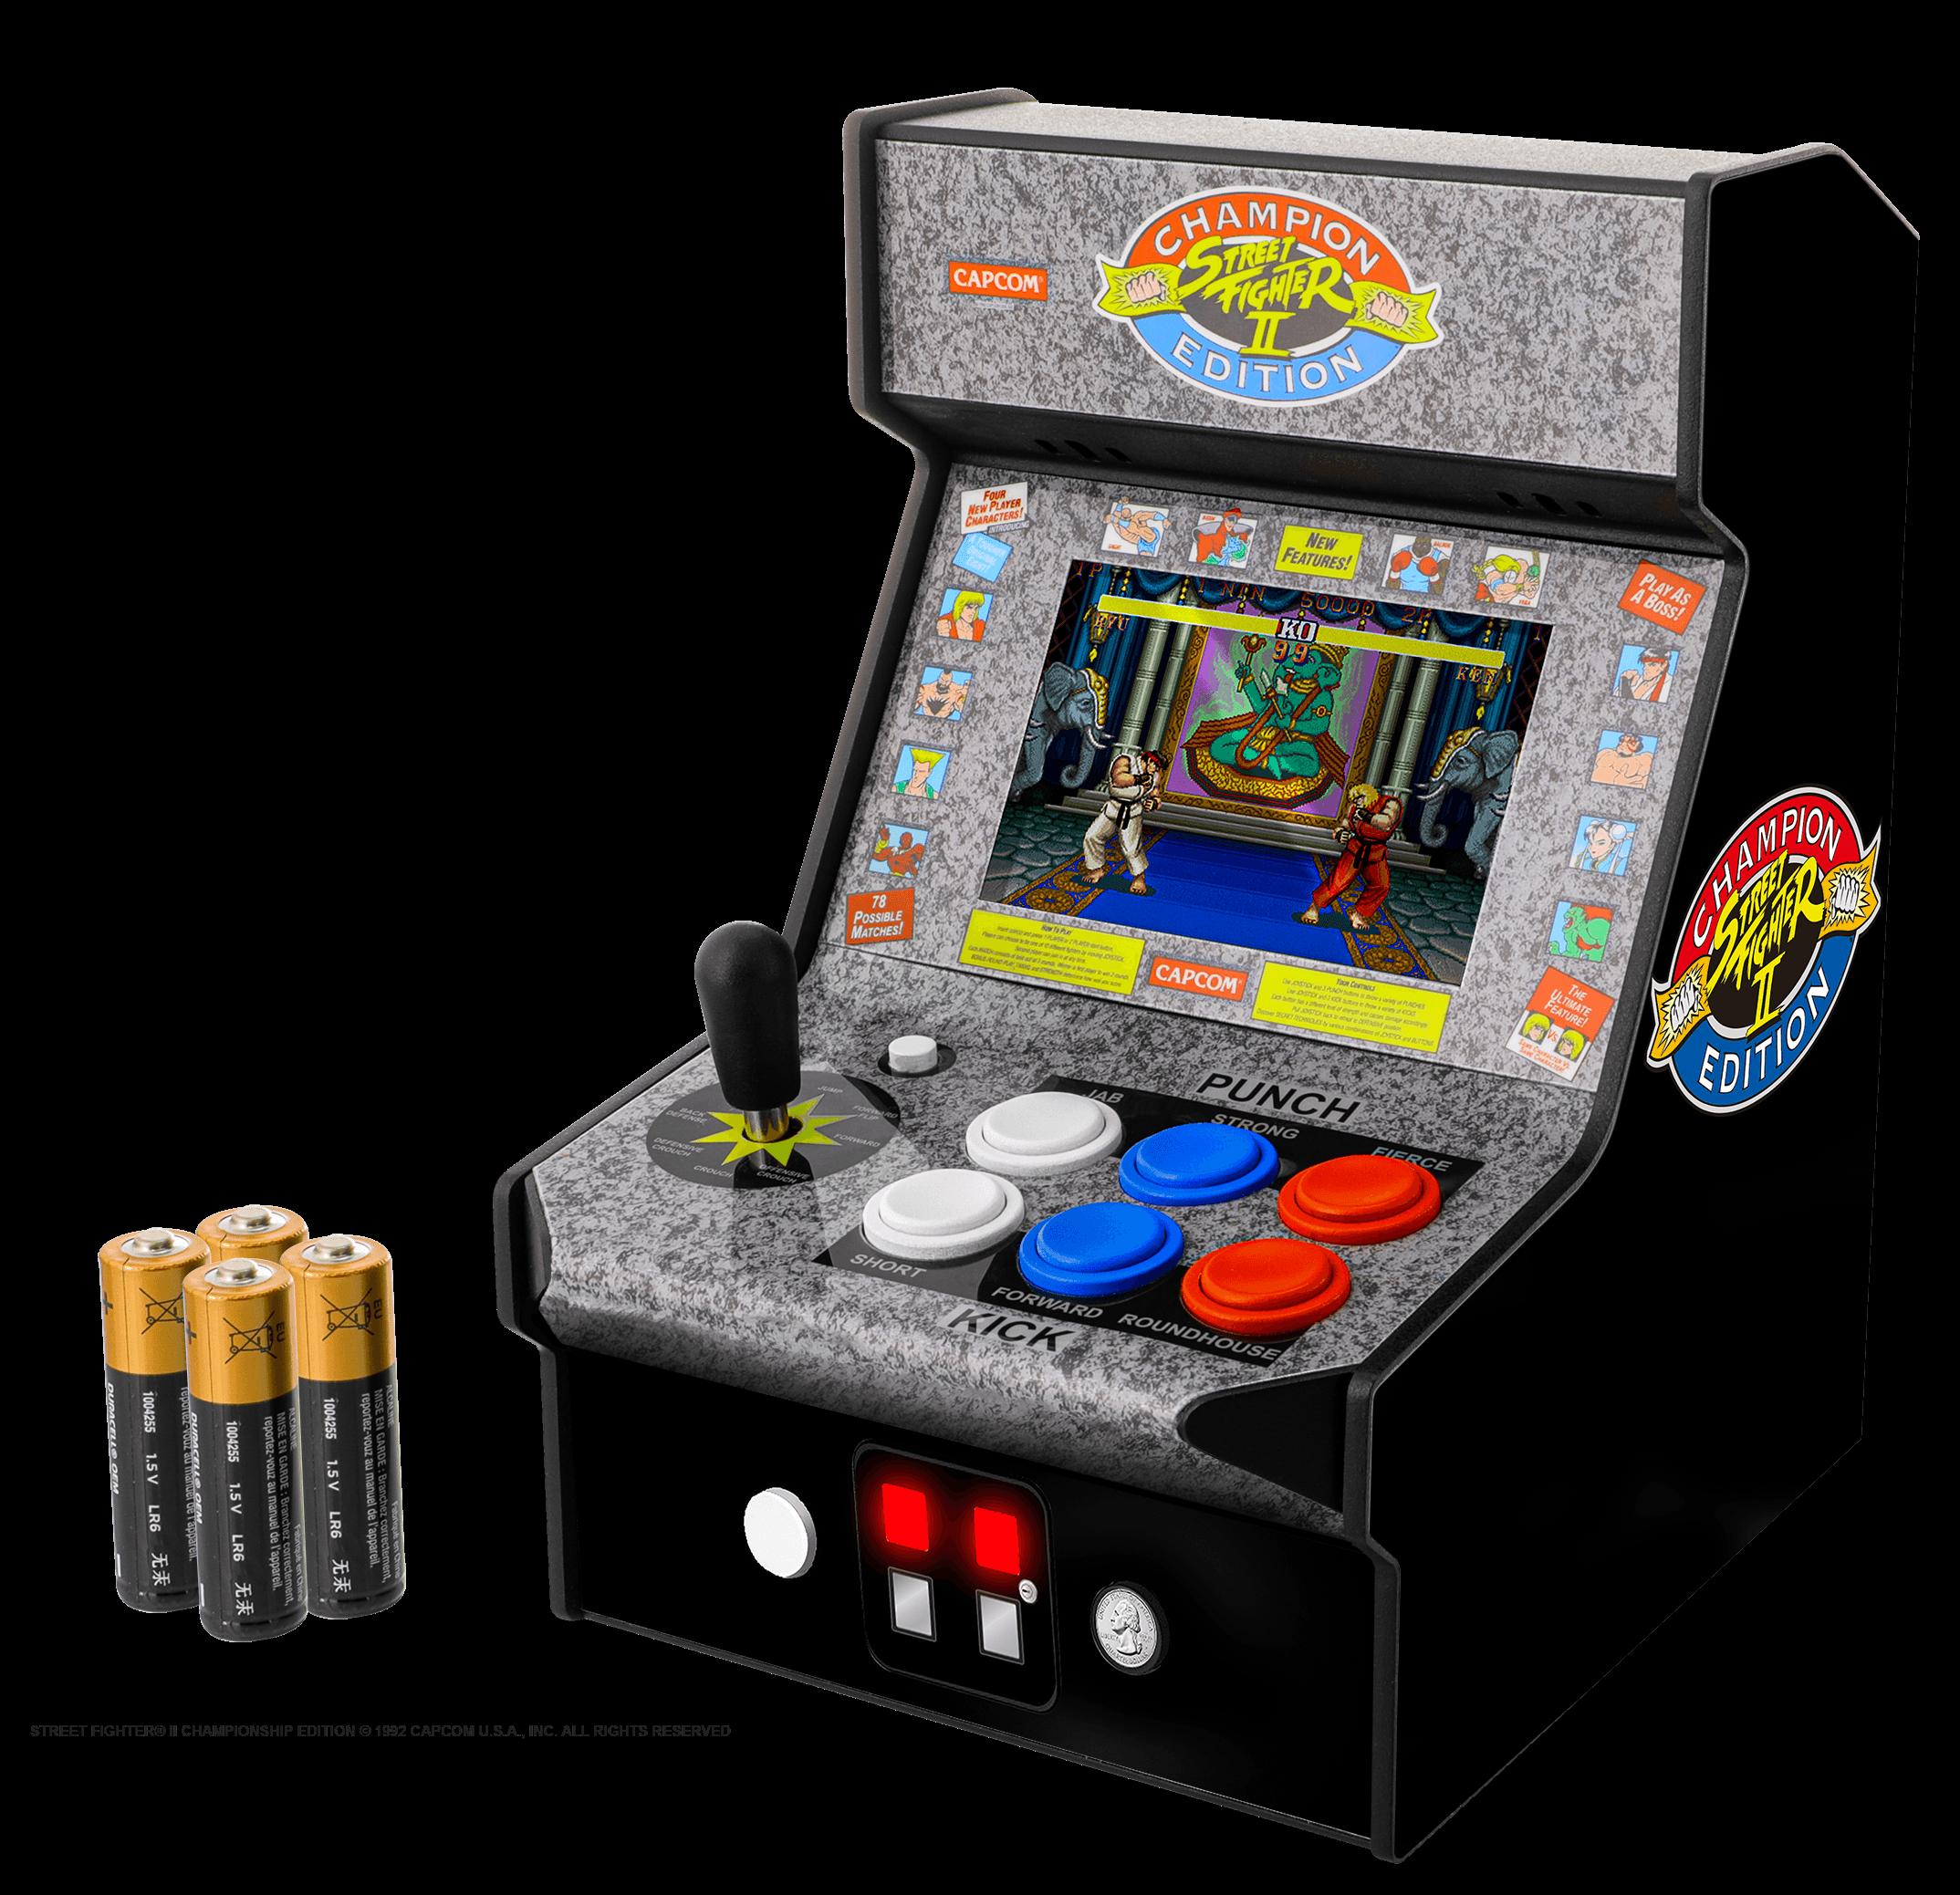 Revivez la belle époque des arcades dans votre salon, cuisine, chambre, etc avec la Micro Player